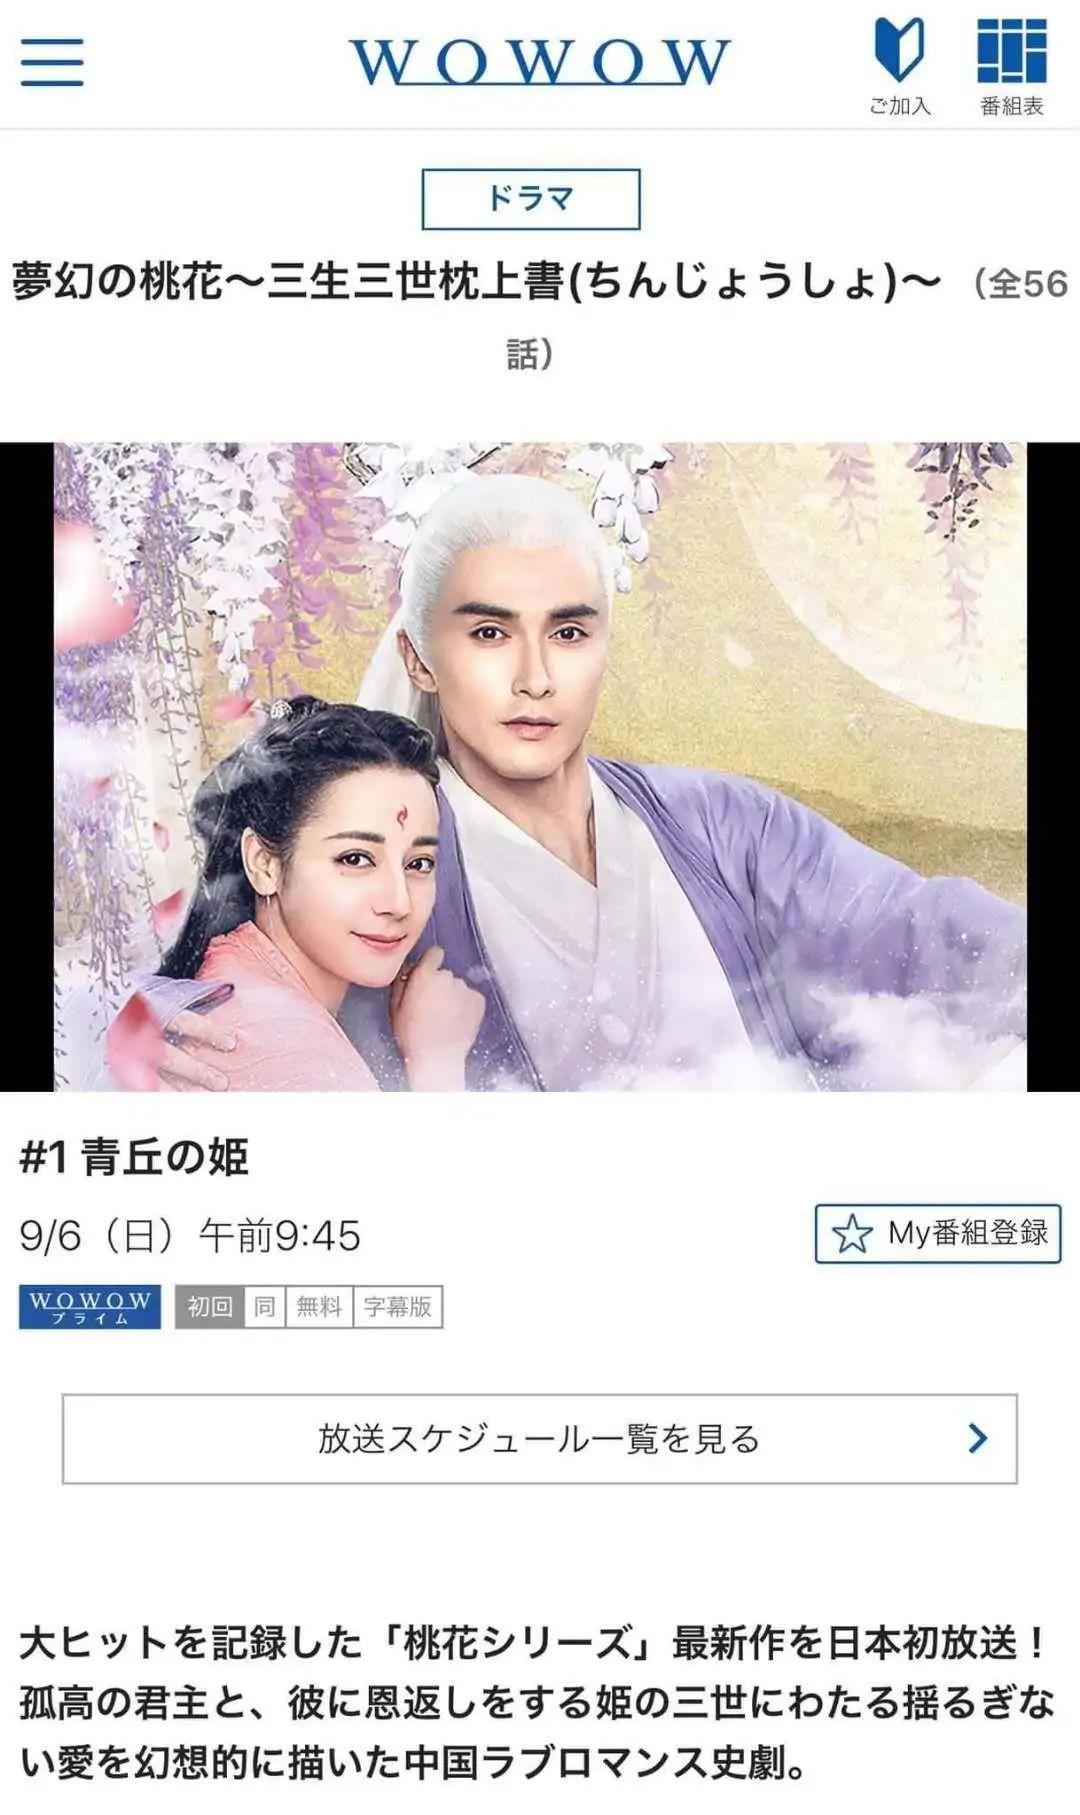 风靡日本的中国电视剧,这突变的画风是怎么肥四?